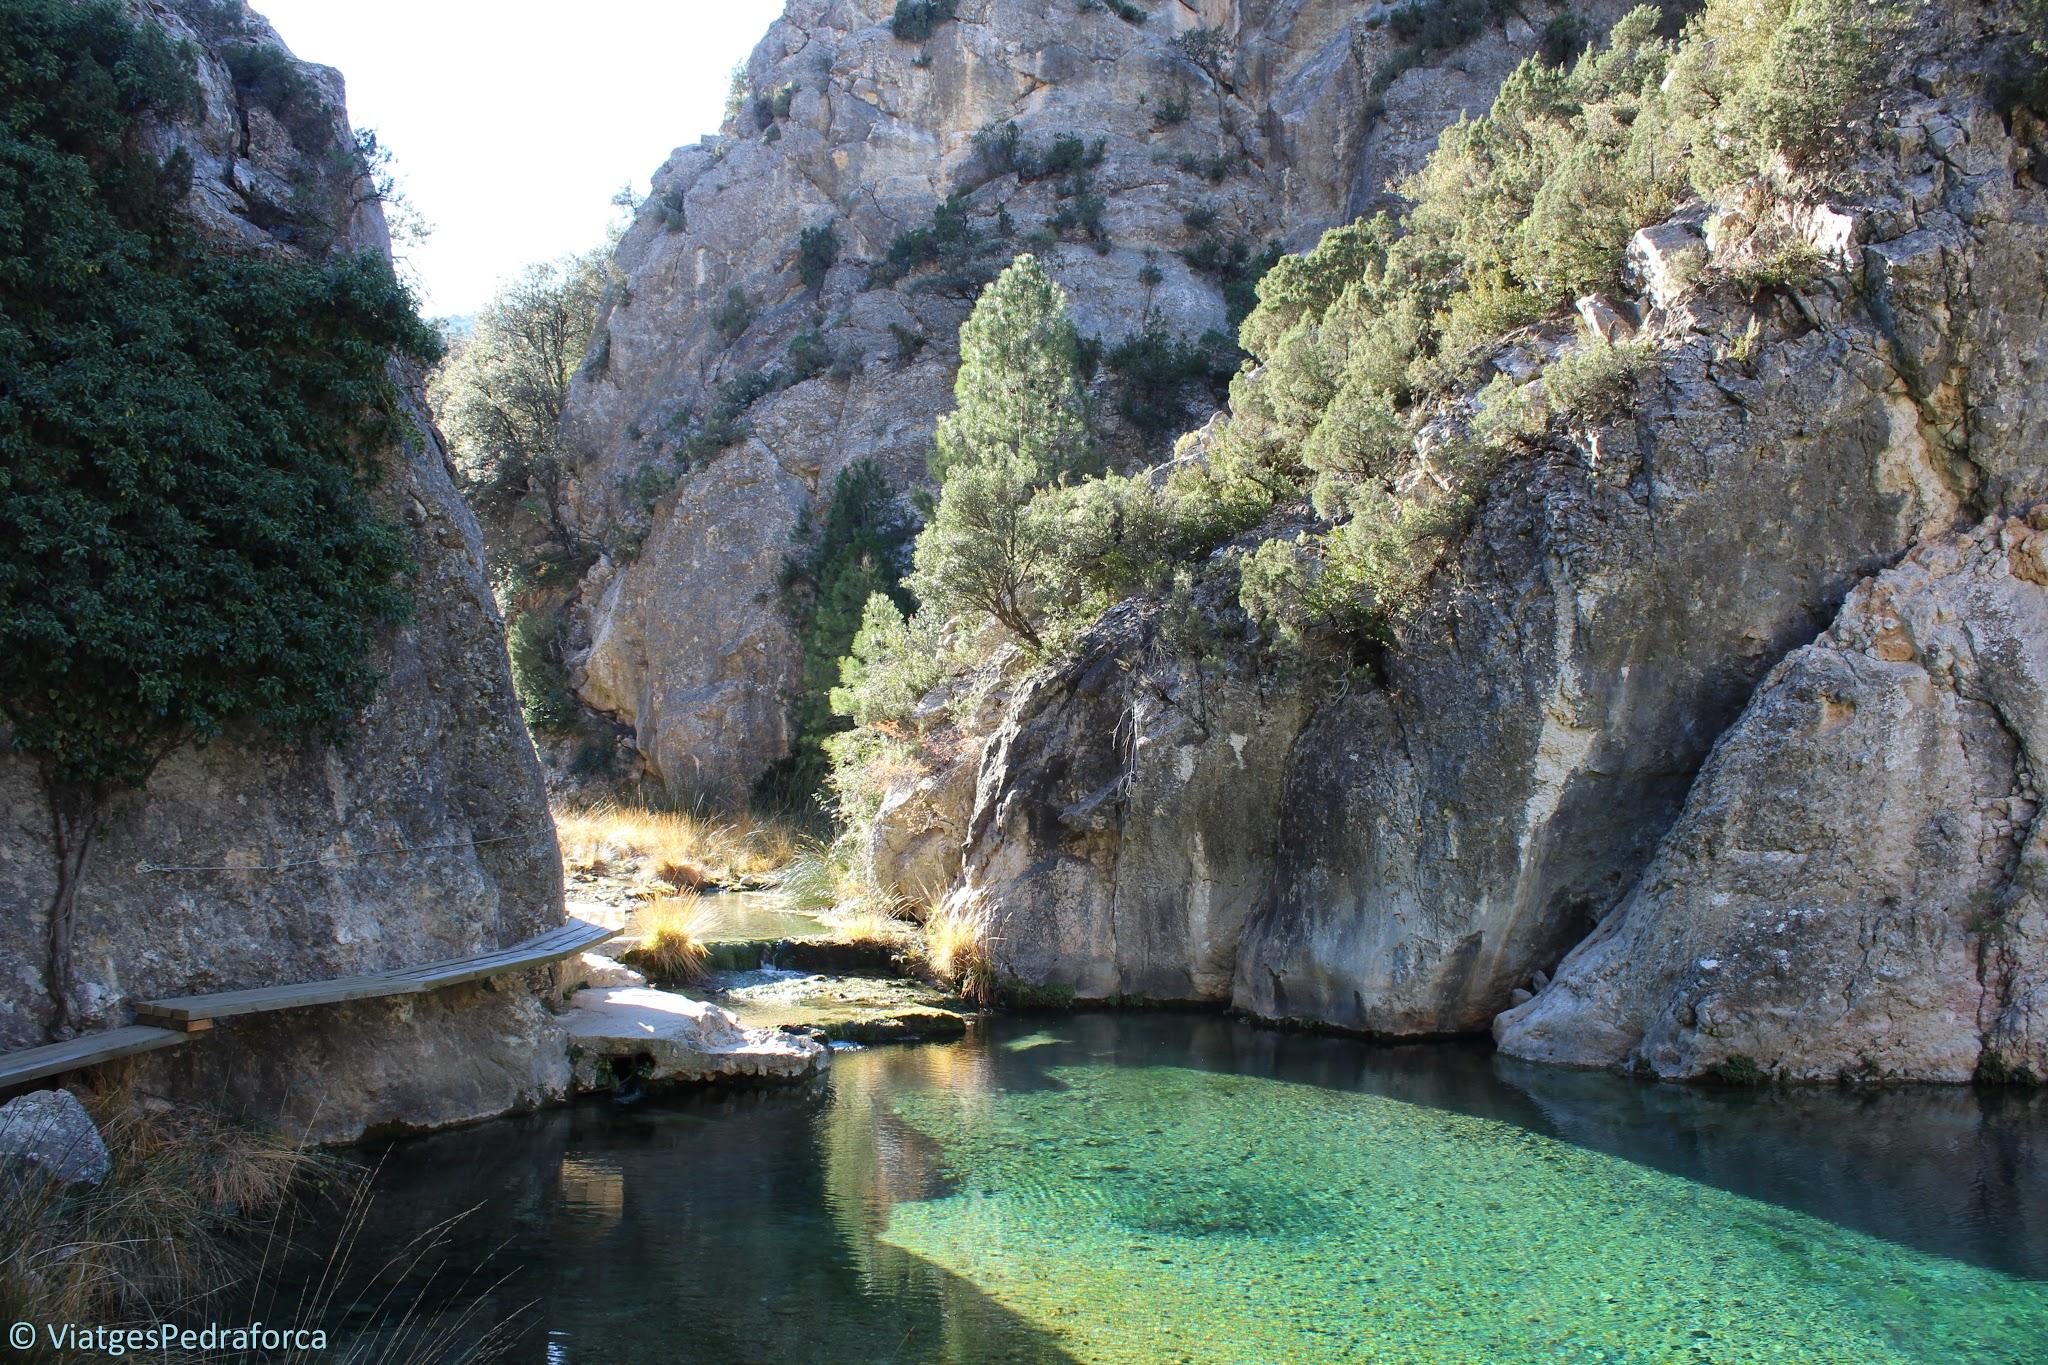 Matarranya, Beseit, els Ports, Terol, Aragó, natura, ruta senderista